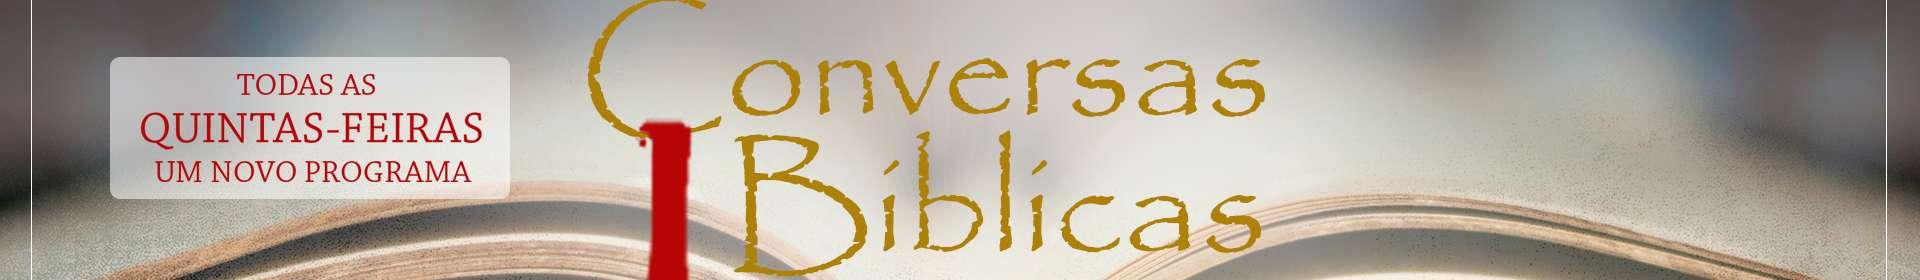 Conversas Bíblicas: Dízimo - Parte 1